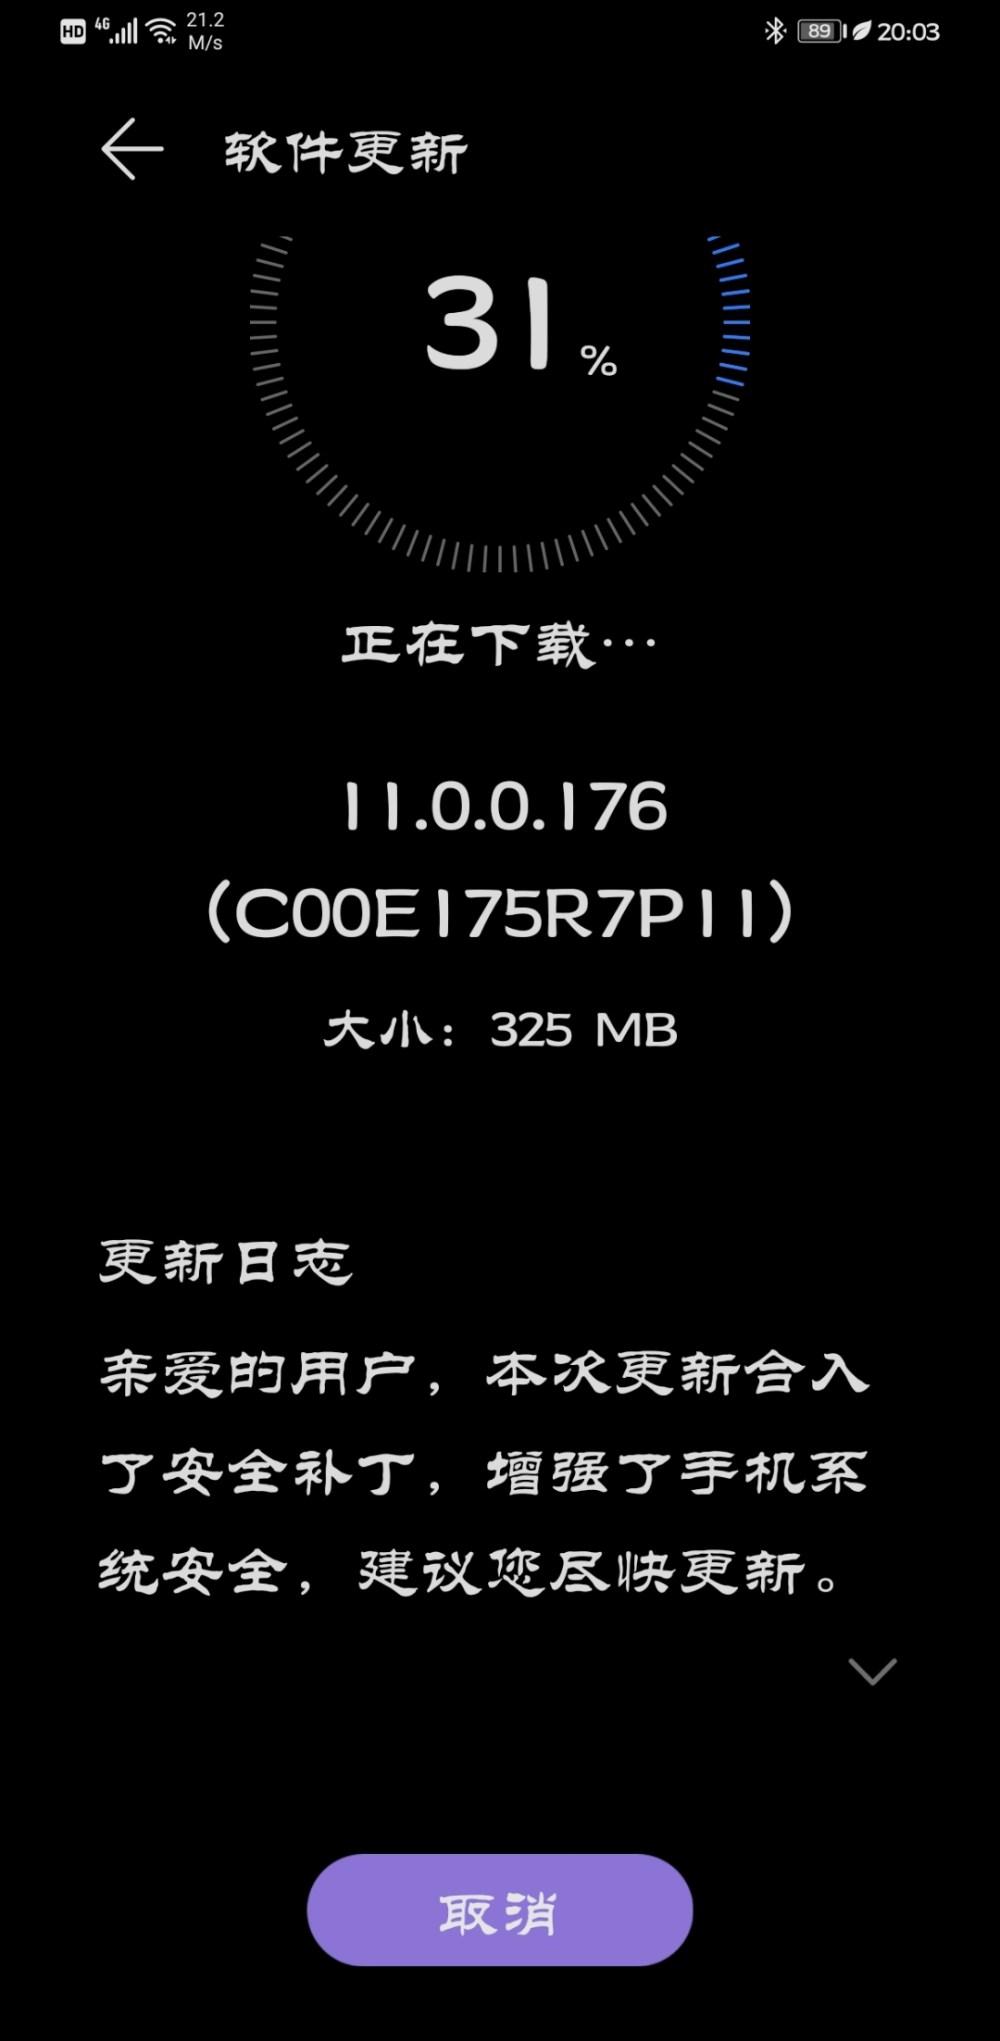 Huawei Mate 30 Series EMUI 11.0.0.176